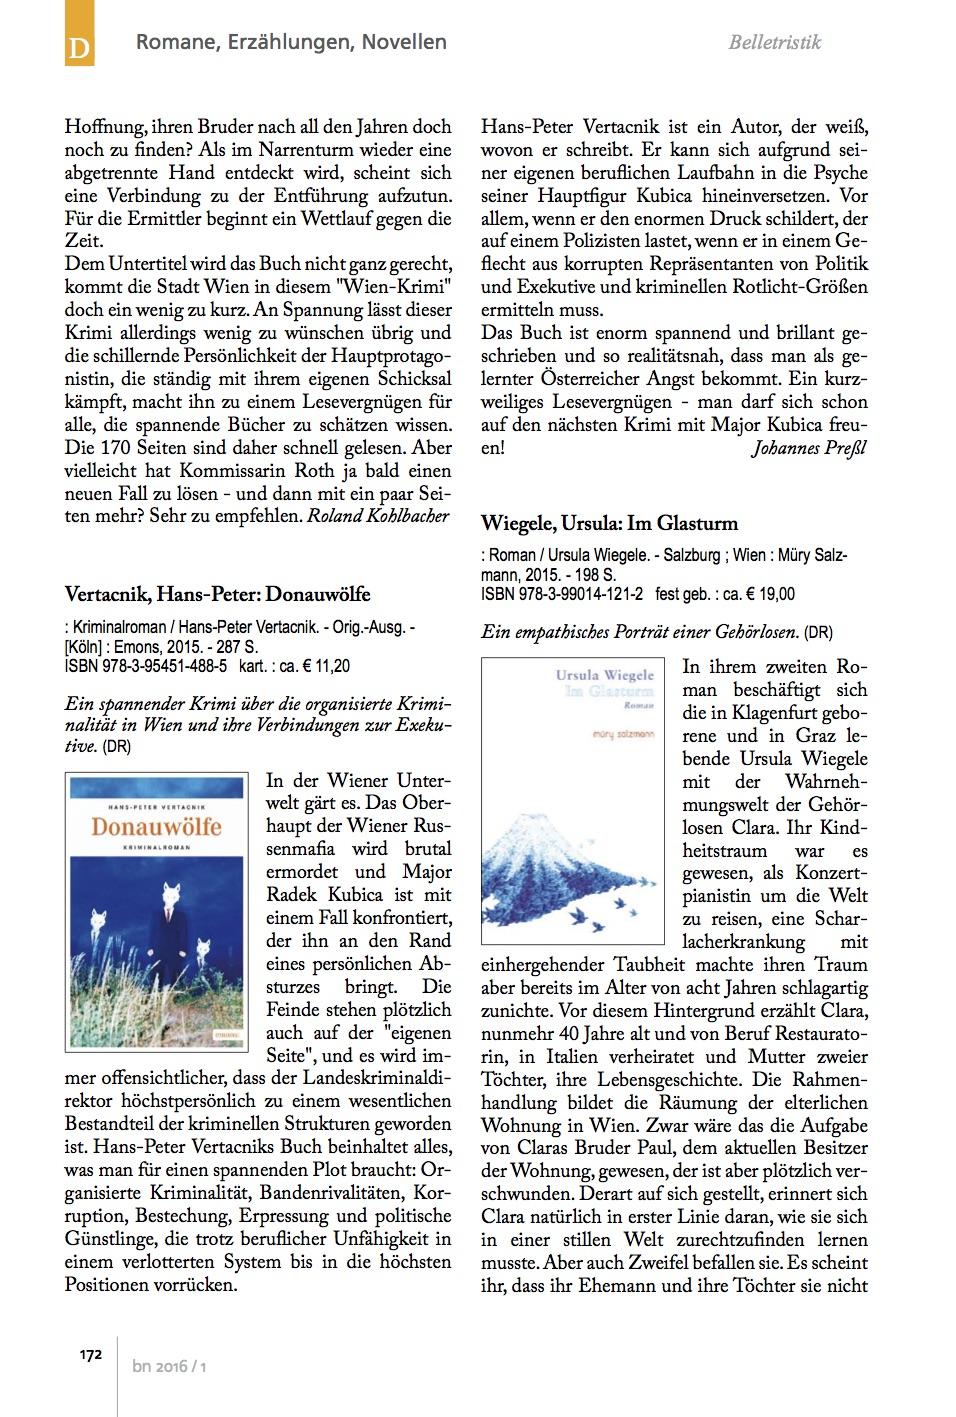 biblio_Donauwoelfe